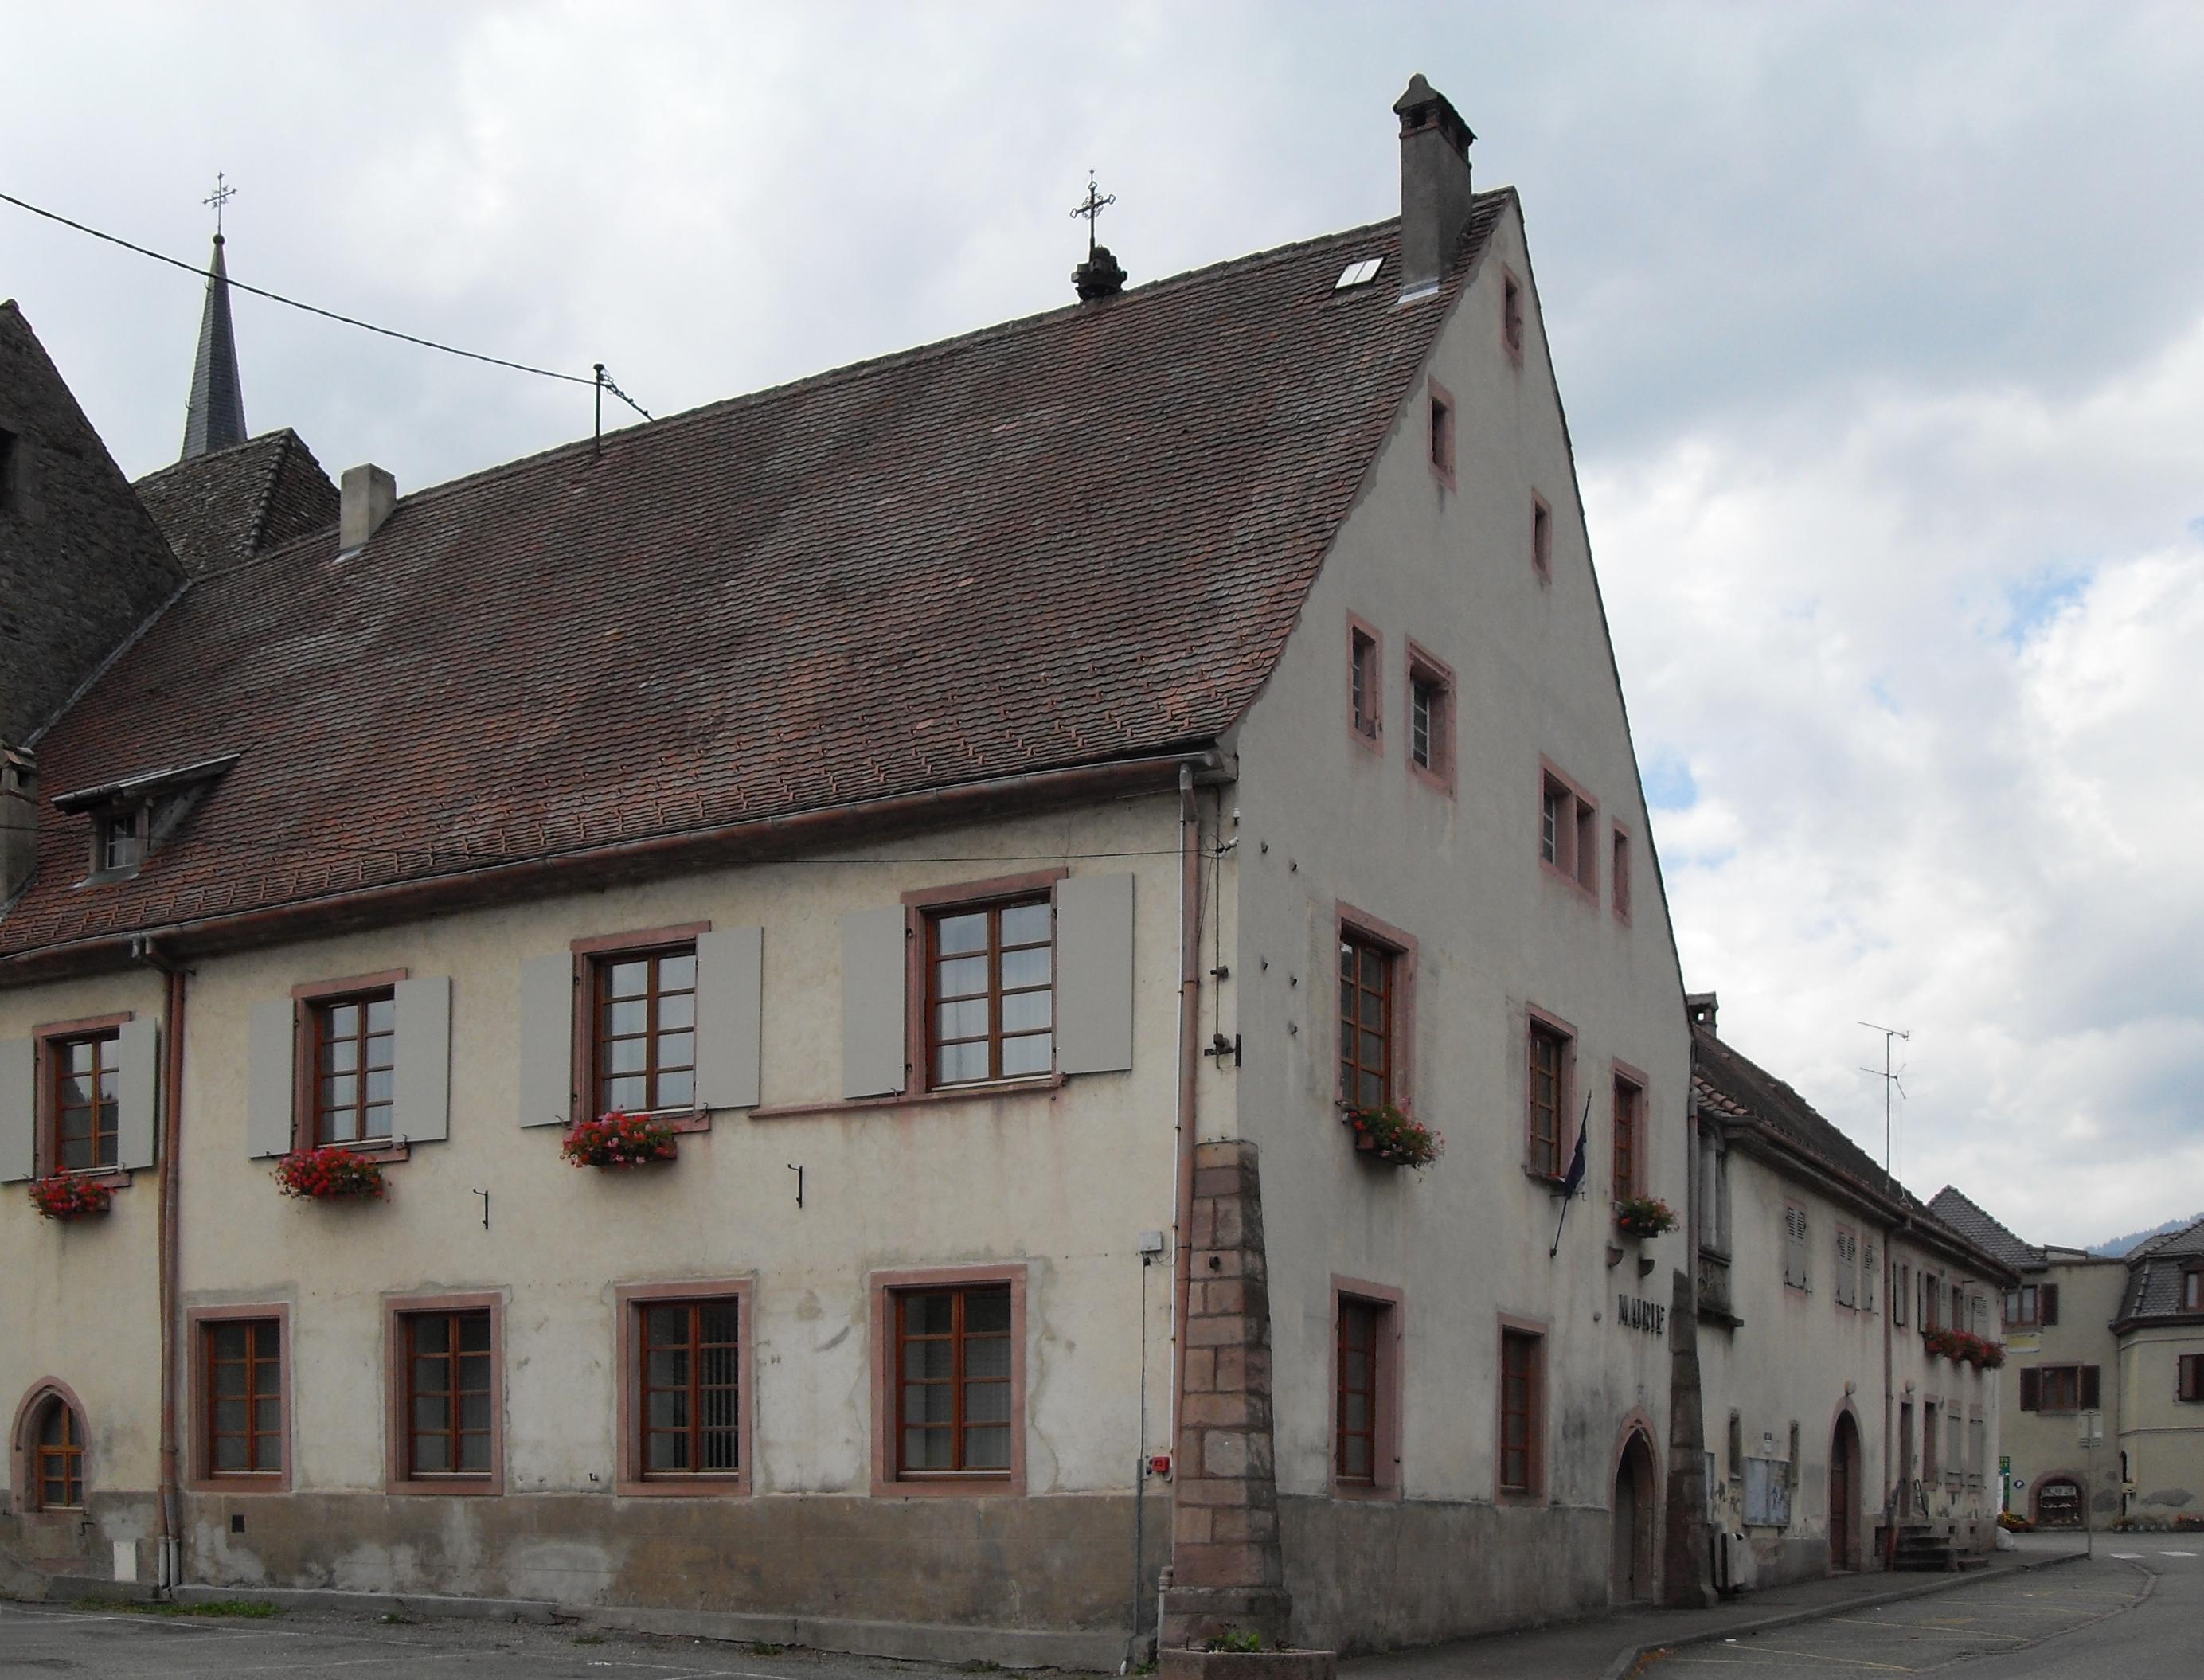 Lautenbach, Haut-Rhin